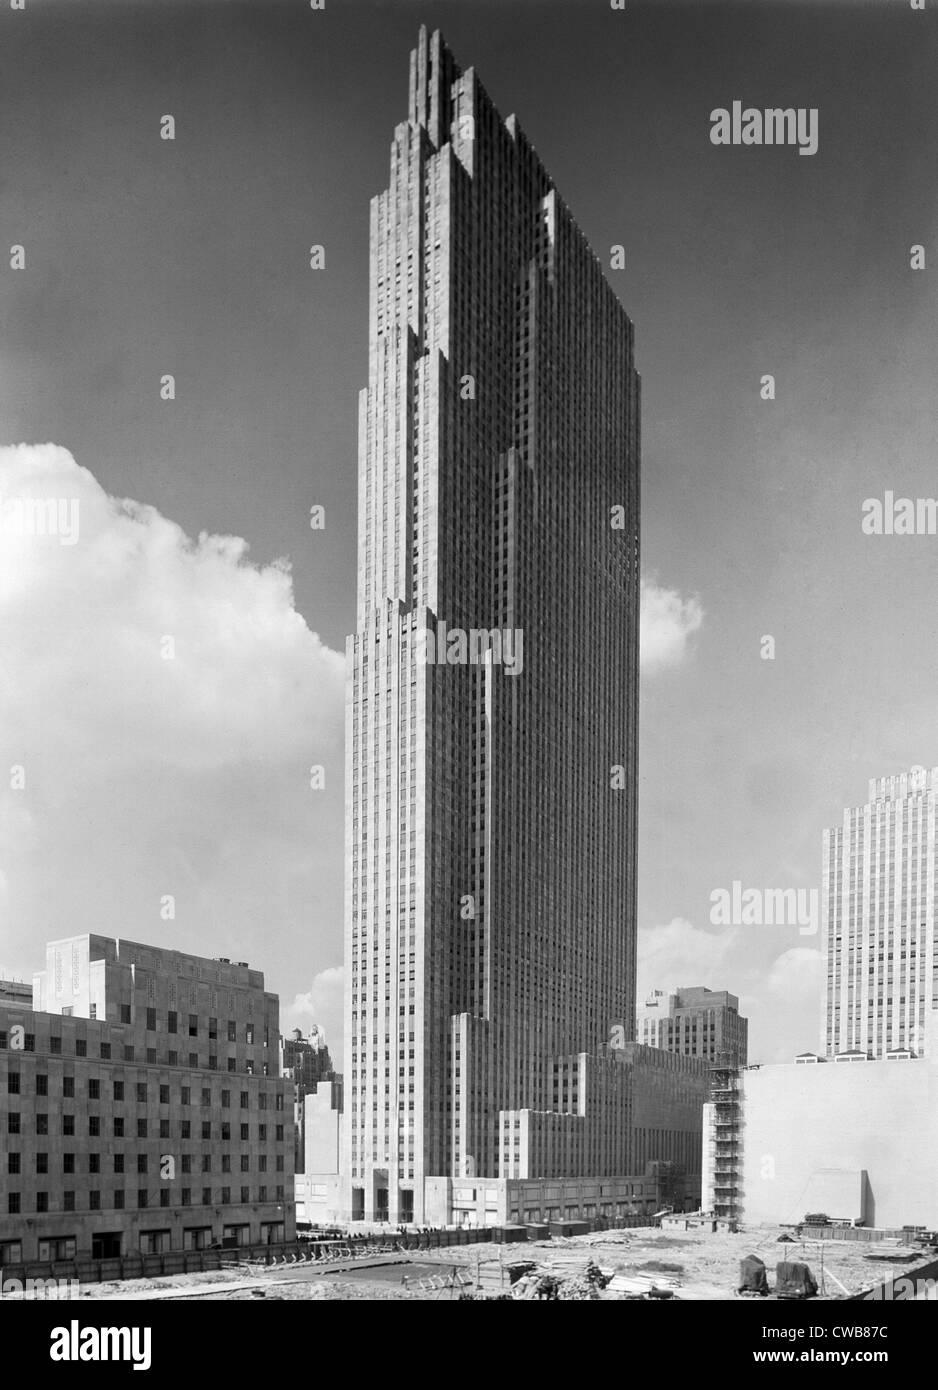 La città di New York, Rockefeller Center e RCA edificio. fotografia di Samuel H. Gottscho, 1933. Immagini Stock